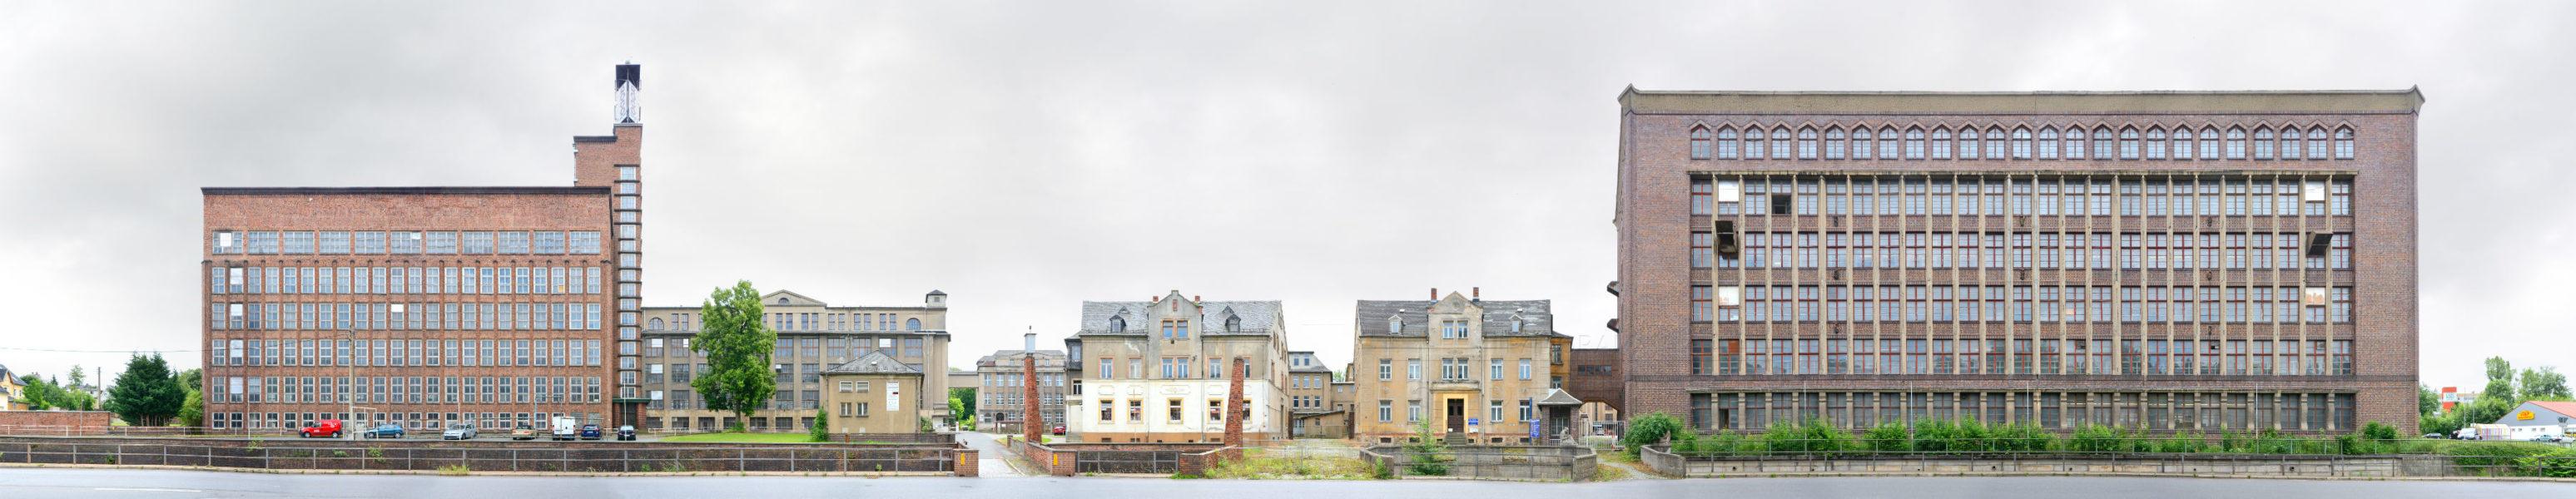 Stockings Factory | Hofer Strasse